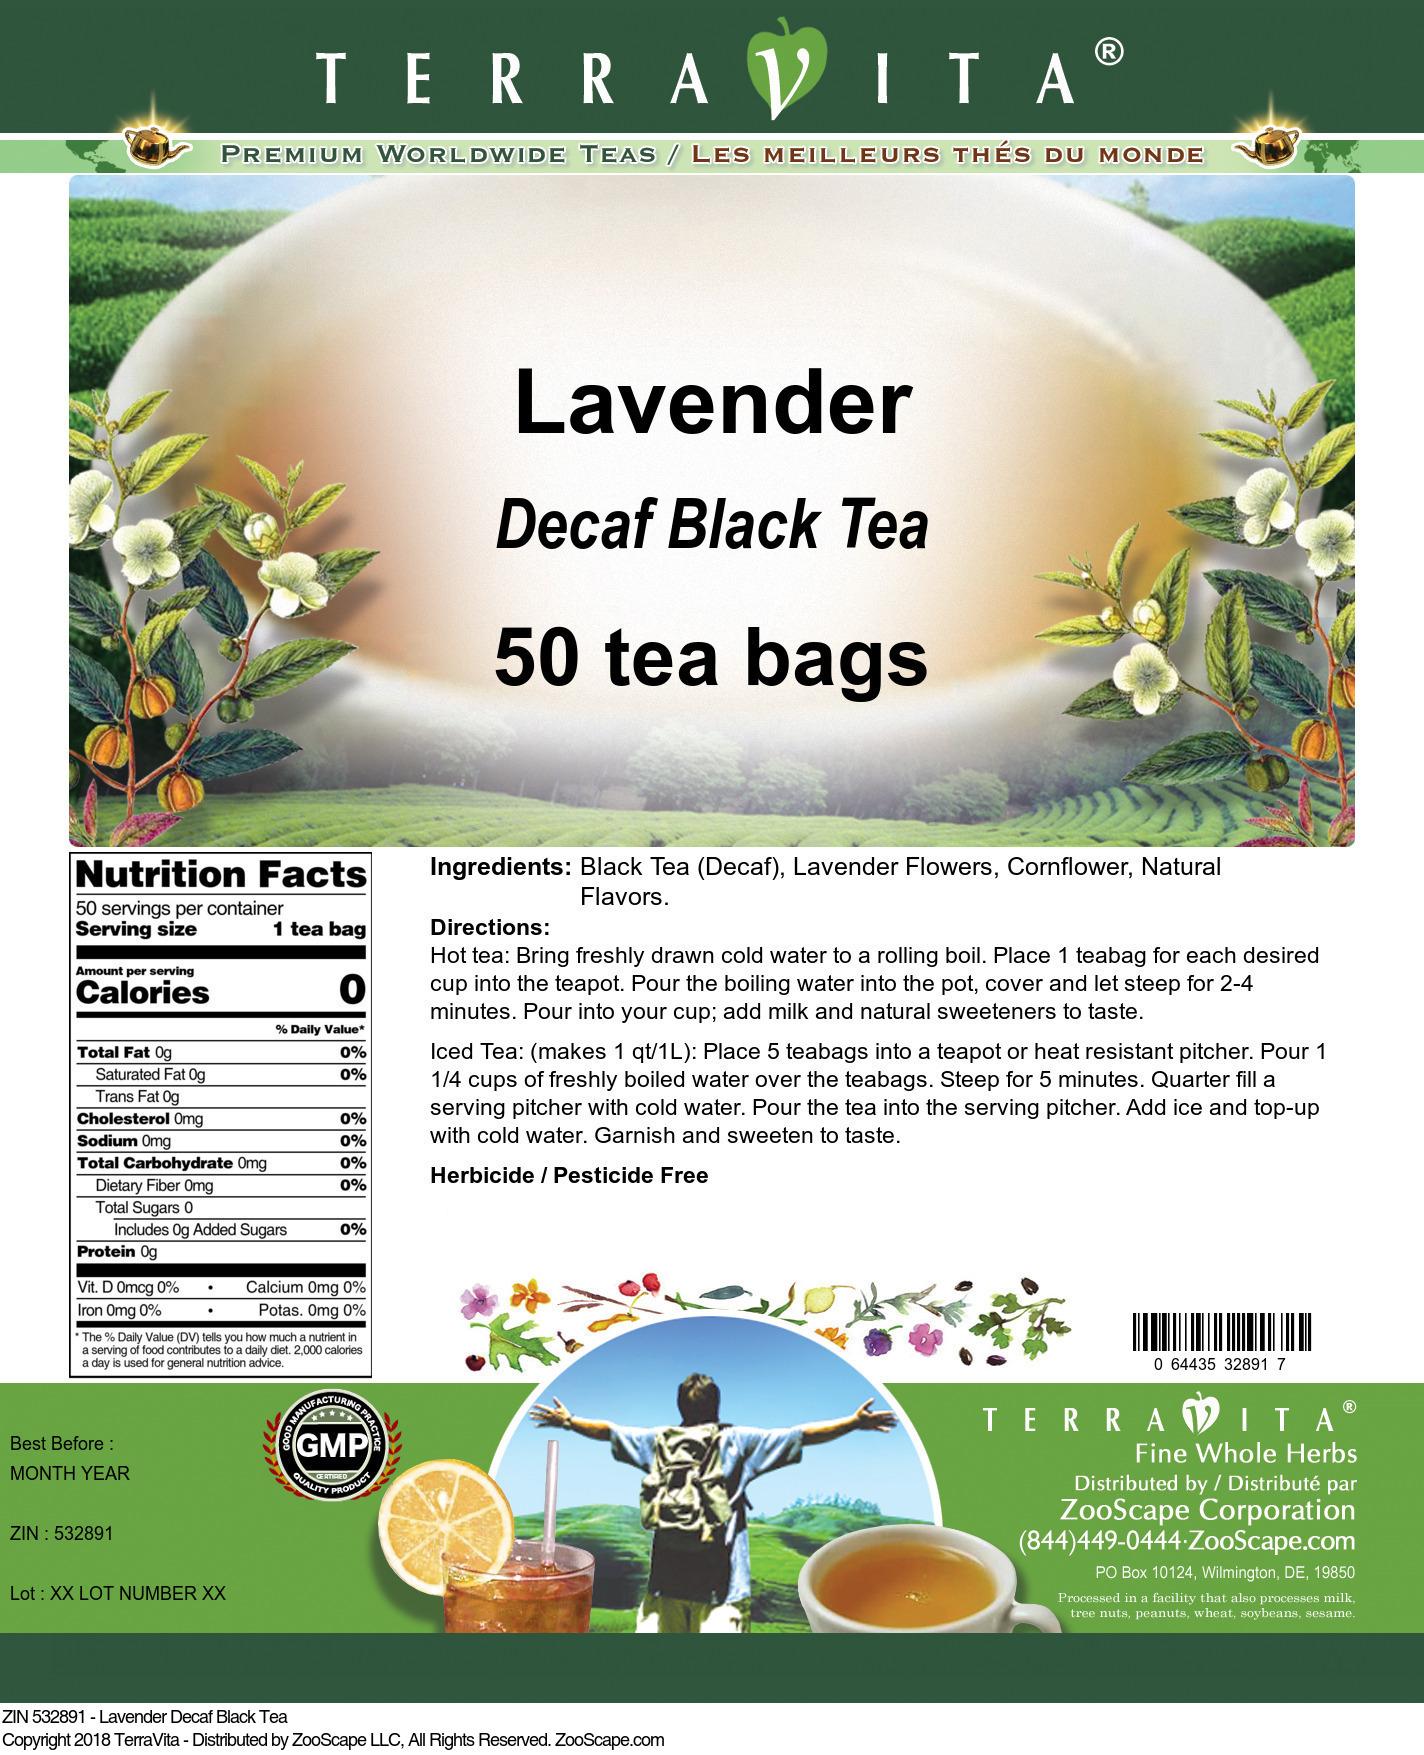 Lavender Decaf Black Tea